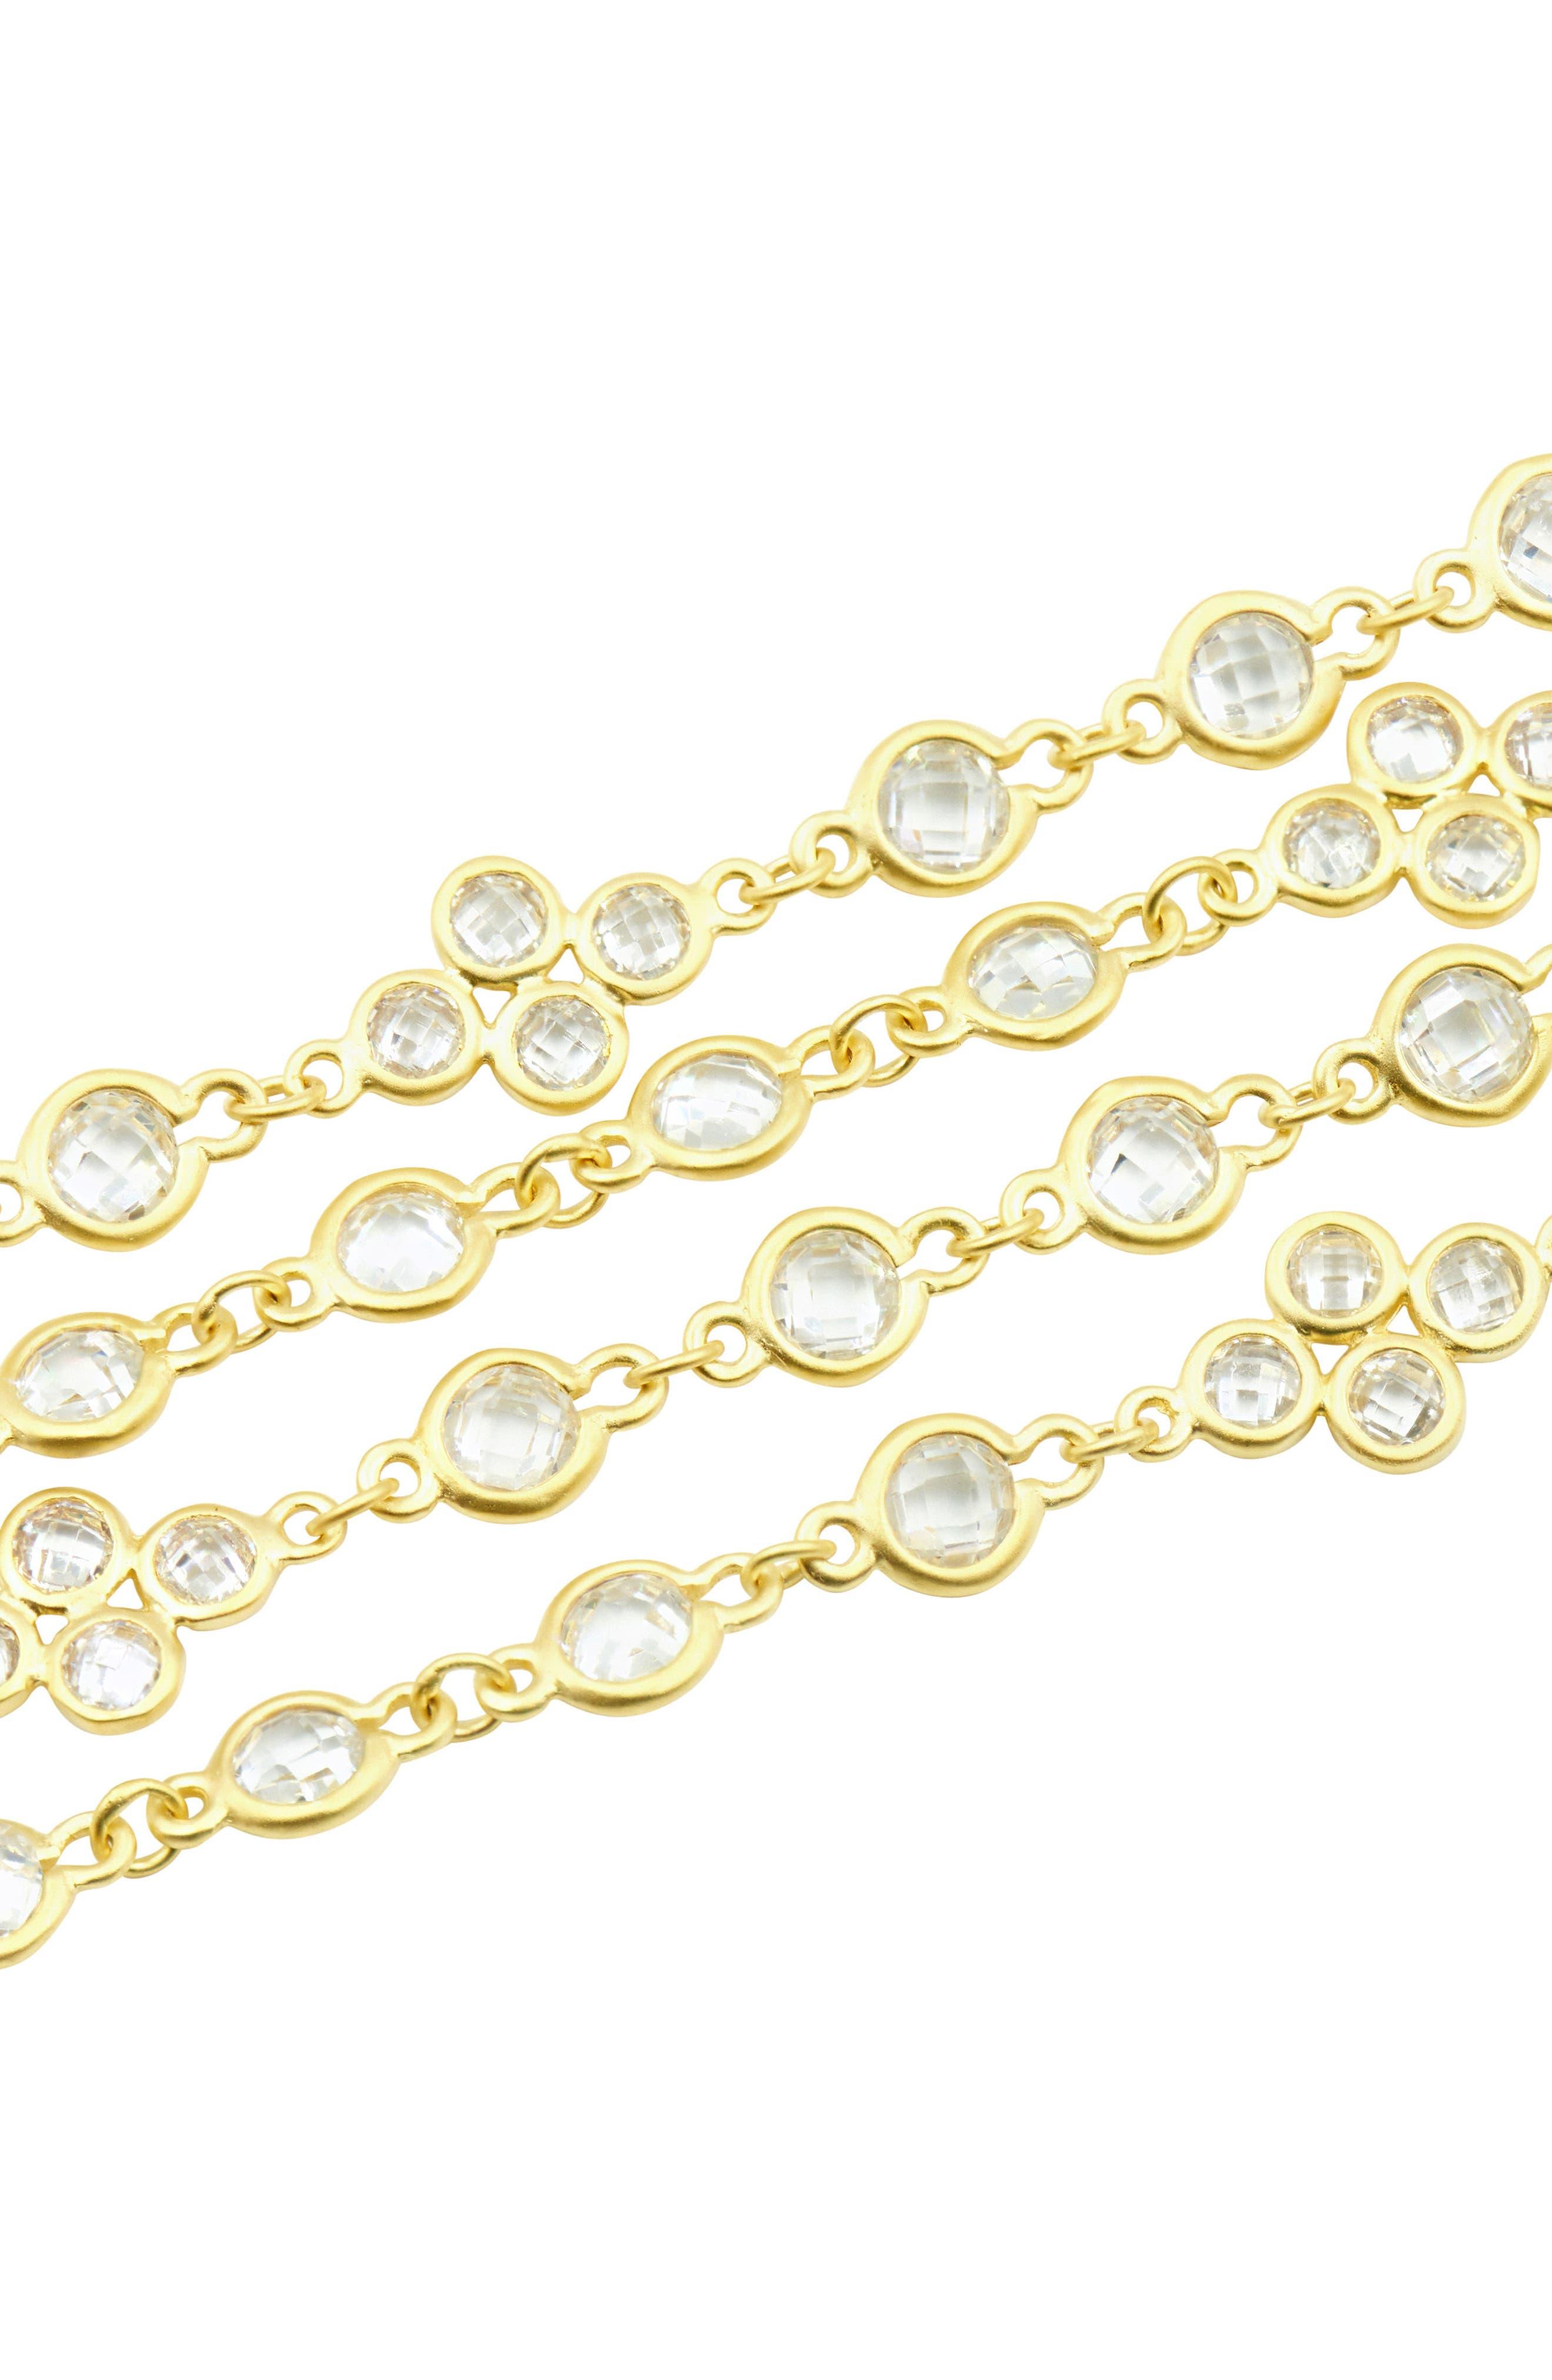 Audrey Radiance Four-Chain Bracelet,                             Alternate thumbnail 2, color,